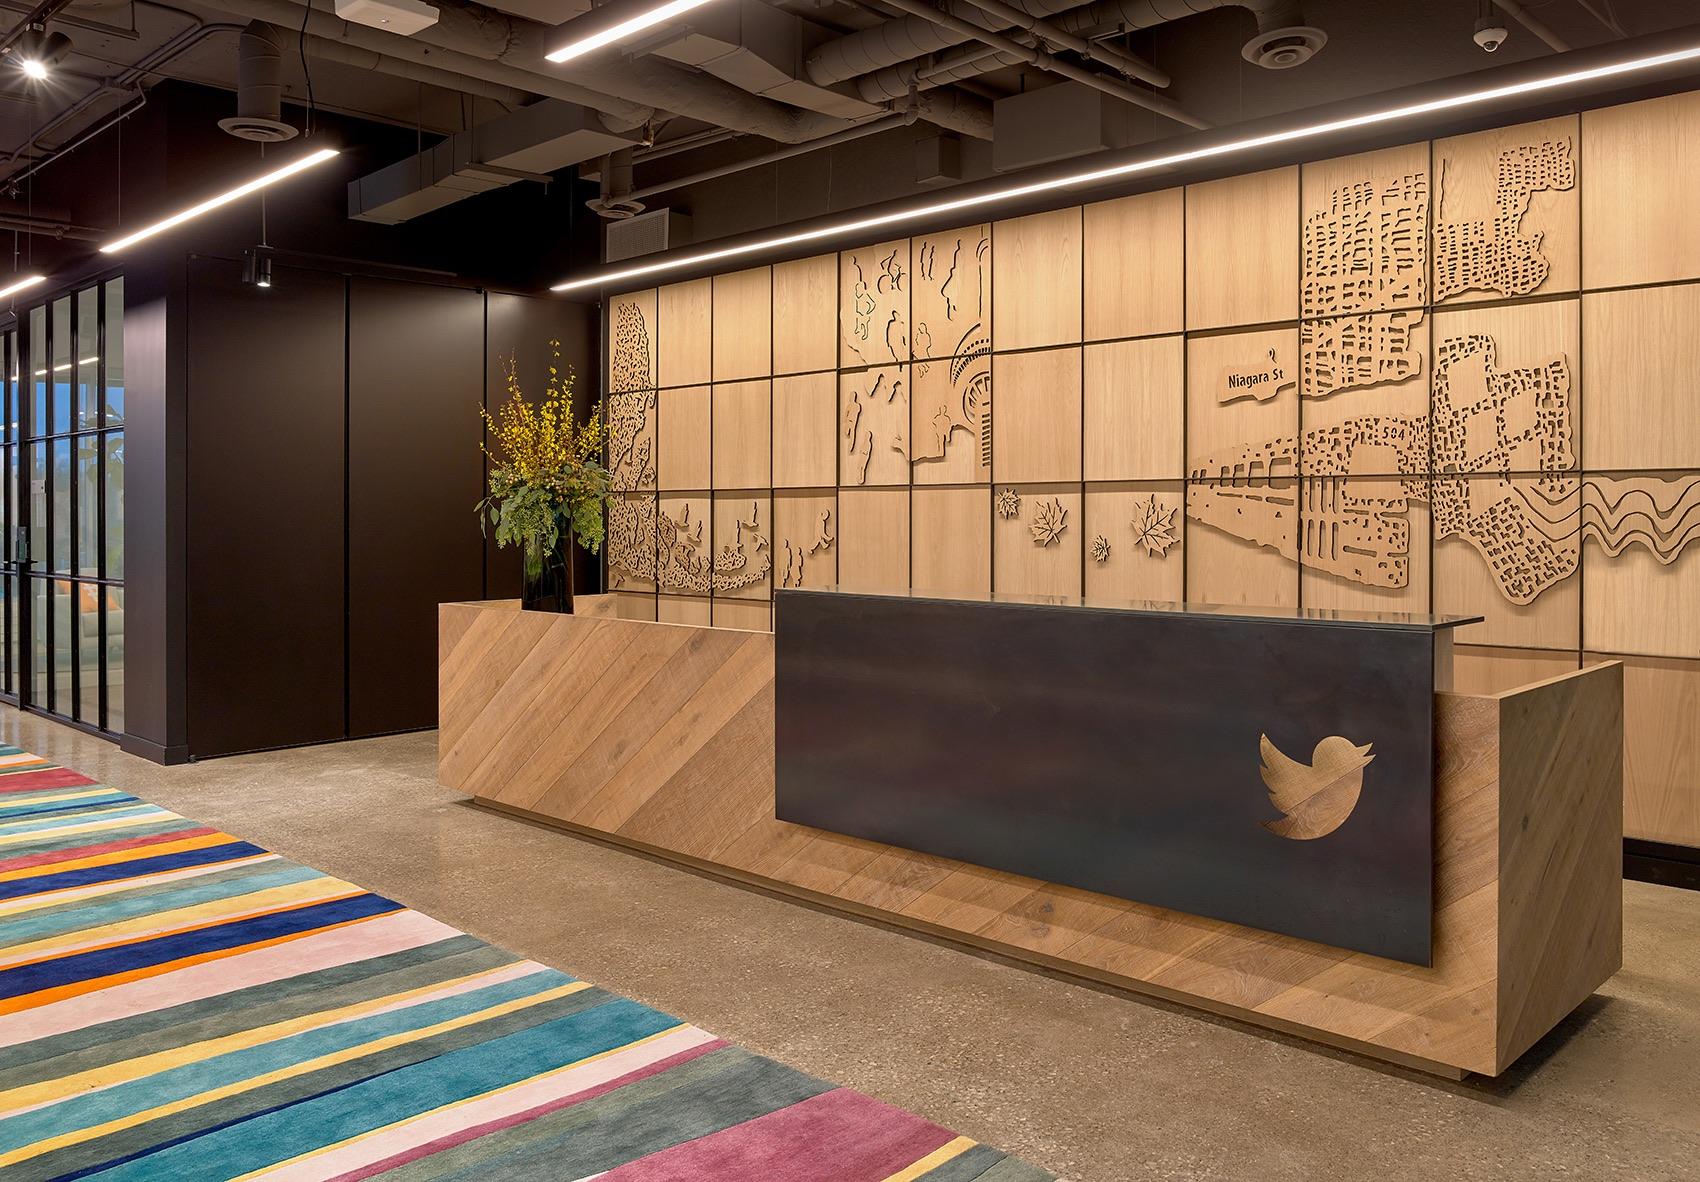 twitter-toronto-office-8